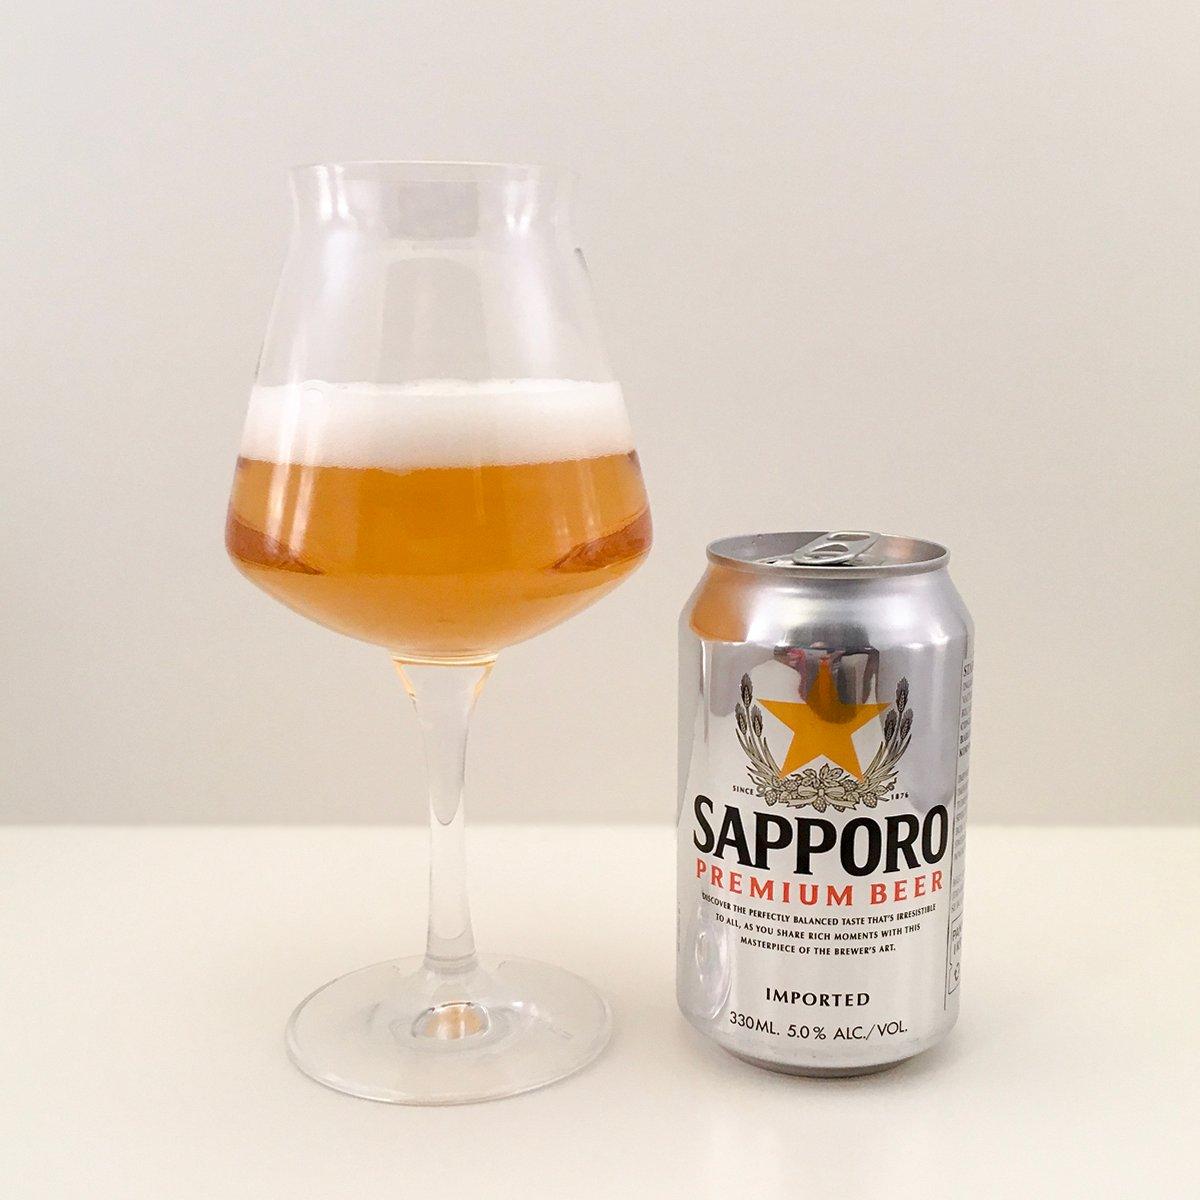 Sapporo Premium Beer är god i sin enkelhet. En öl med enkla balanserade dofter och smaker.